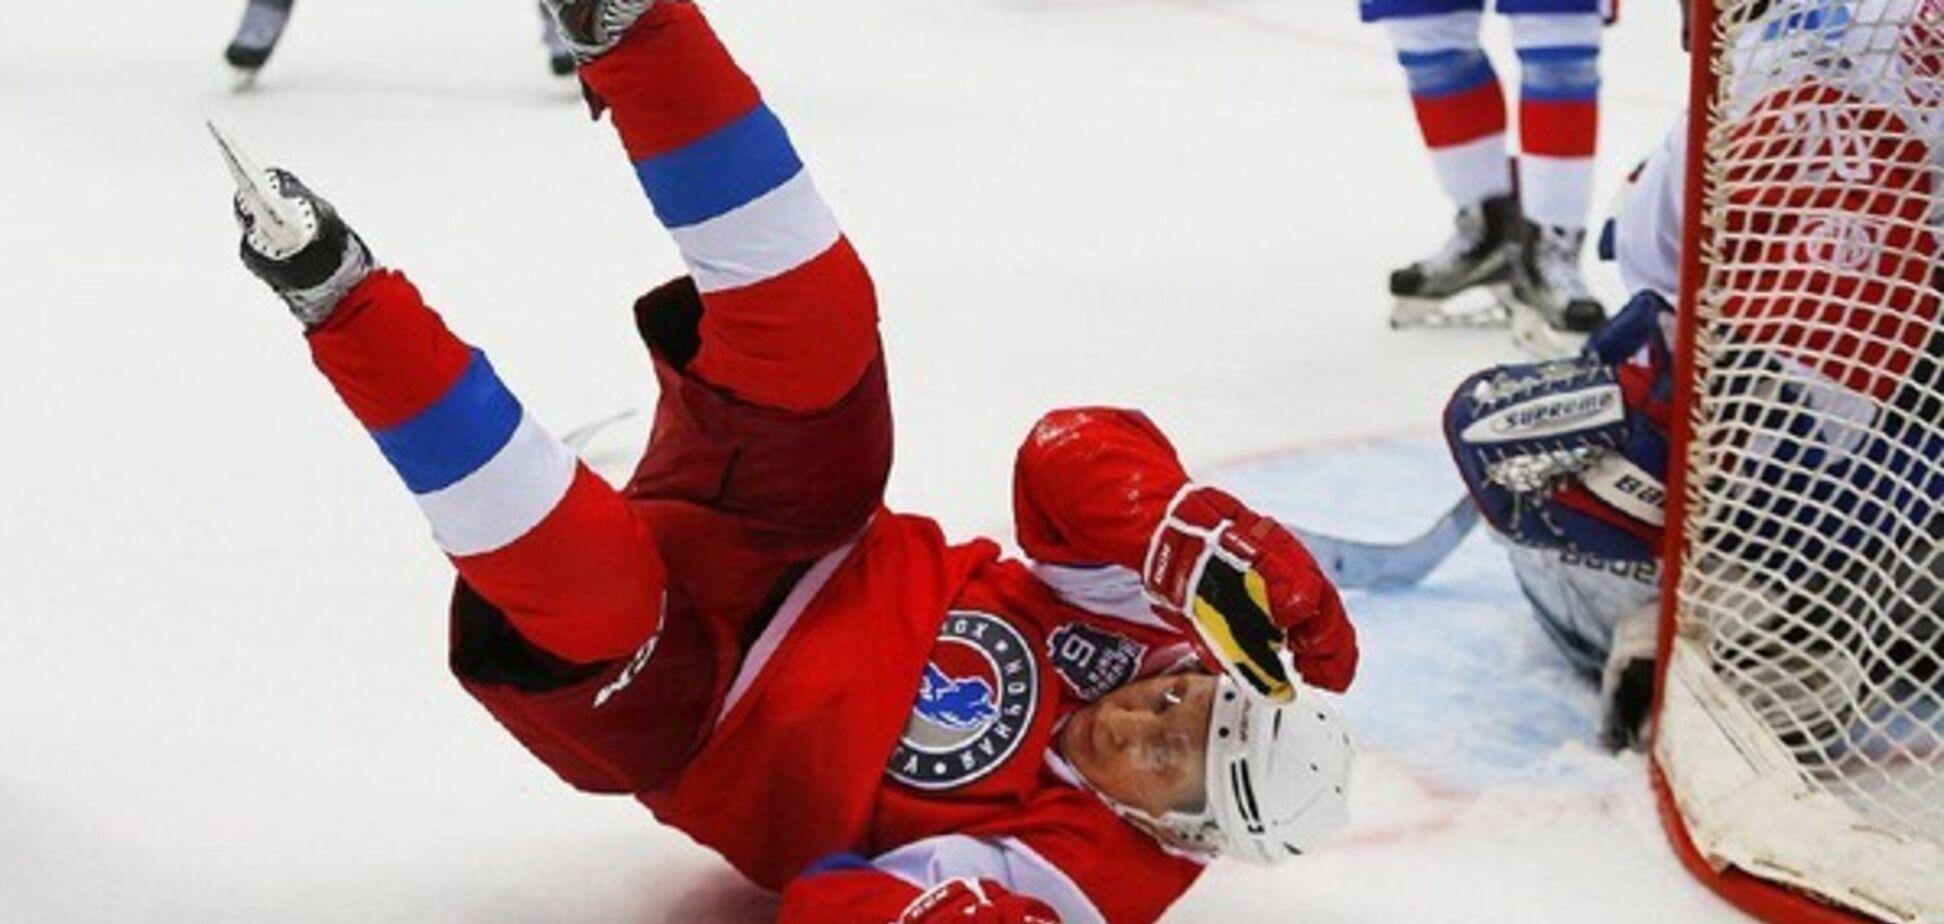 Падение Путина на хоккее: готовятся увольнения